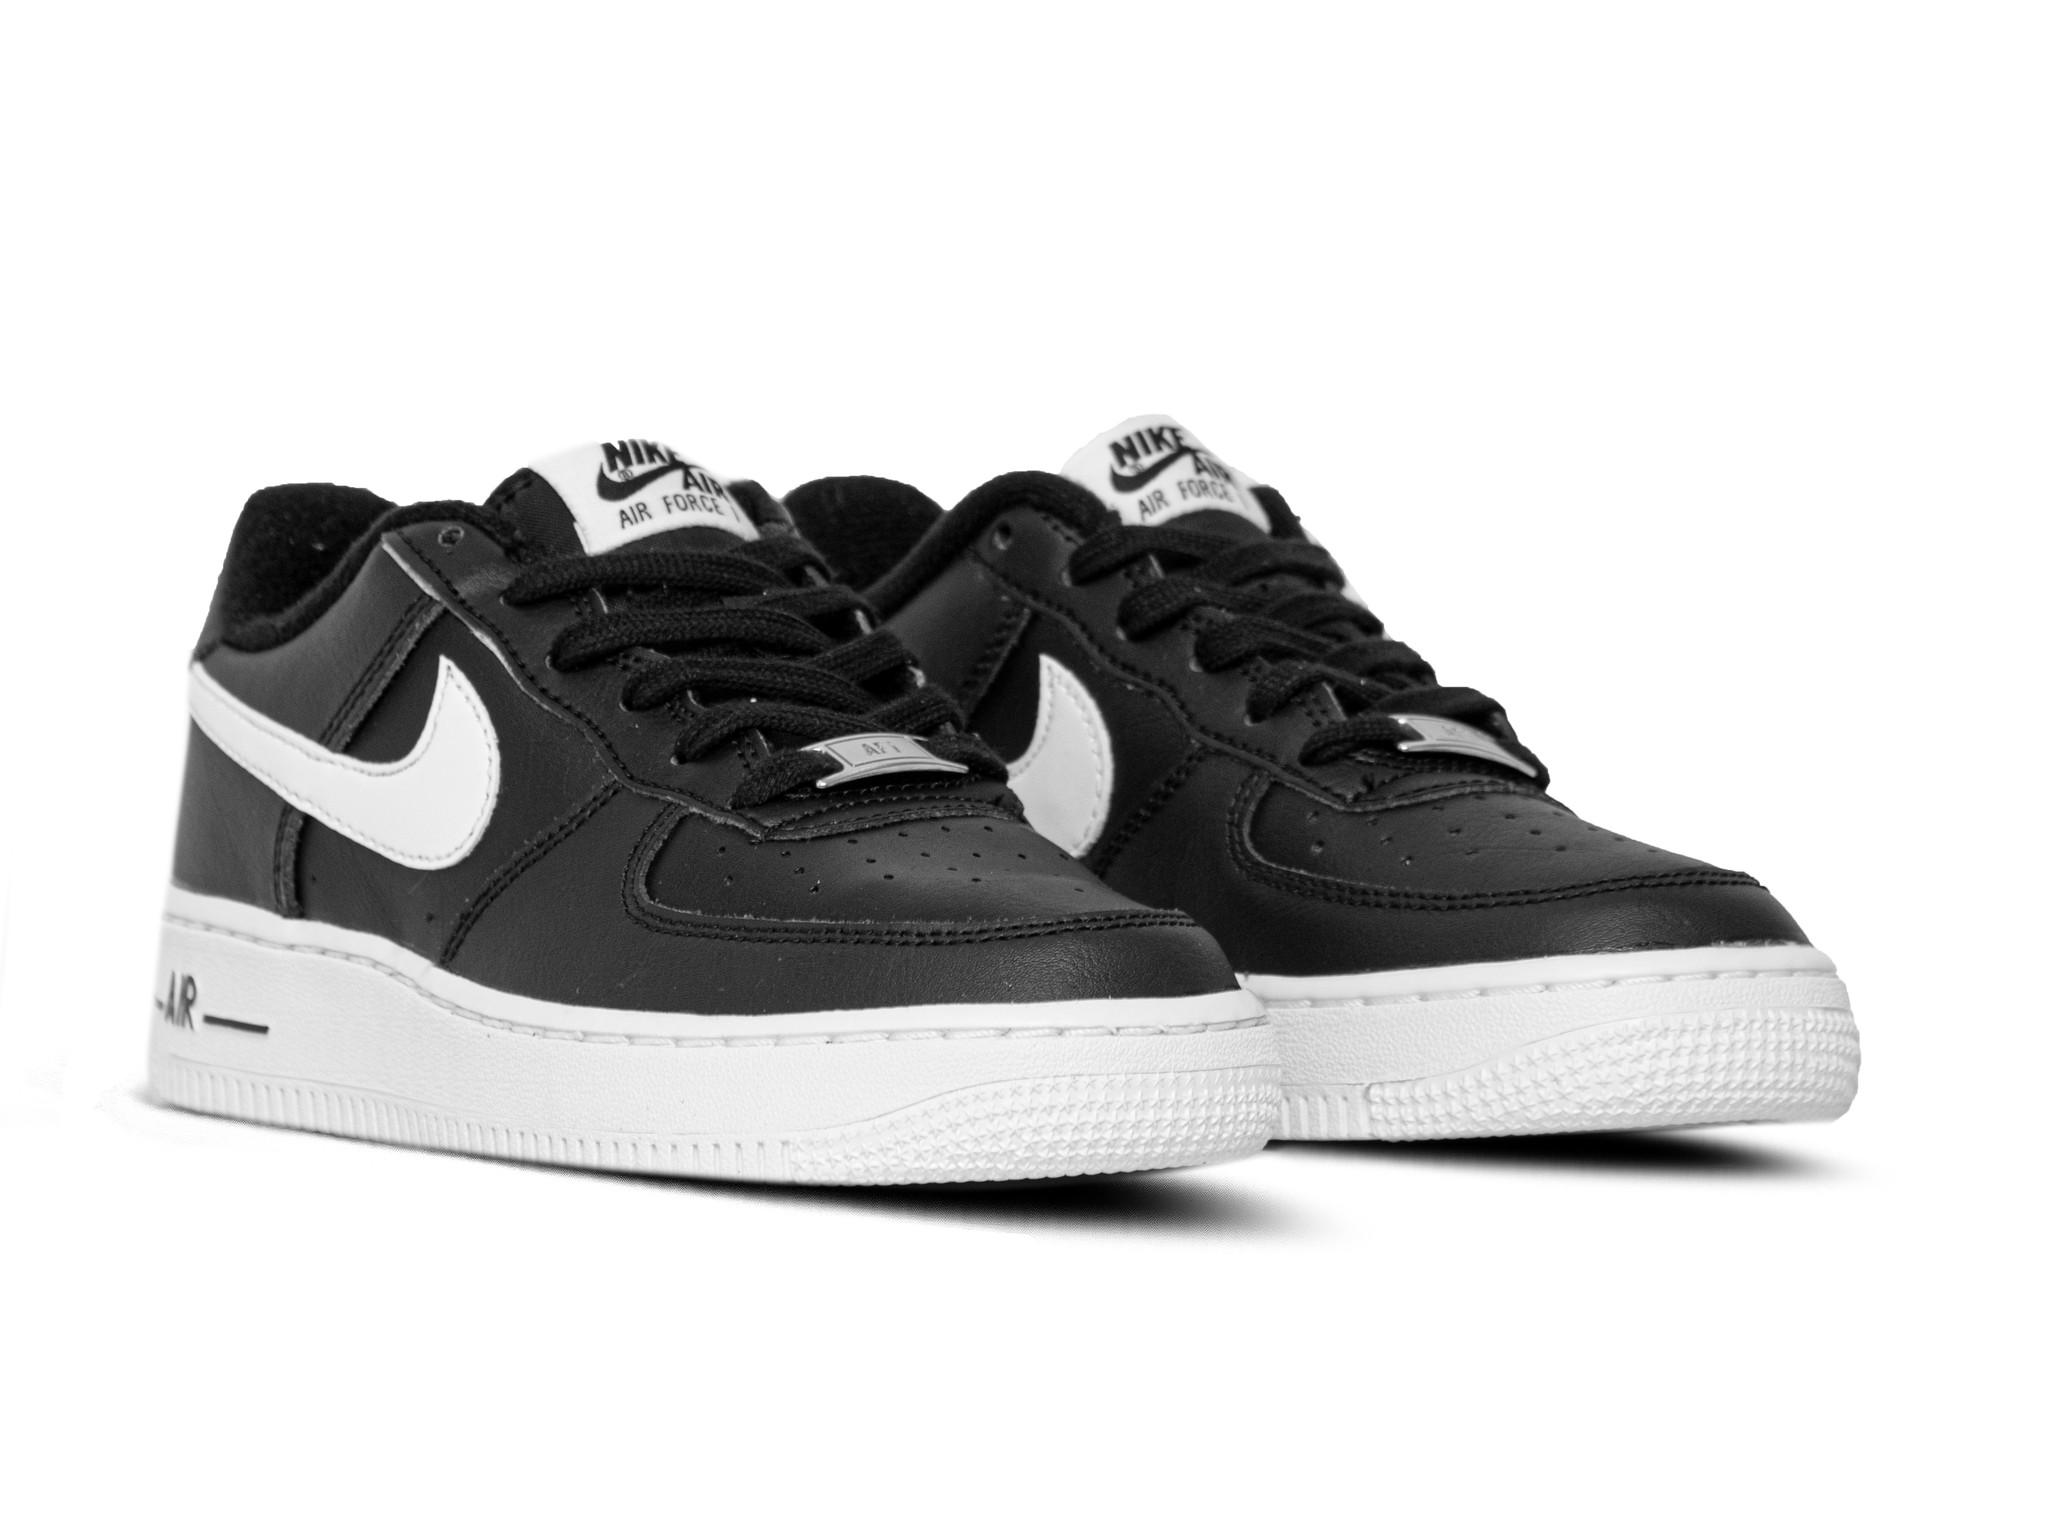 Nike Air Force 1 AN20 GS Black White Black CT7724 001 CT7724 001